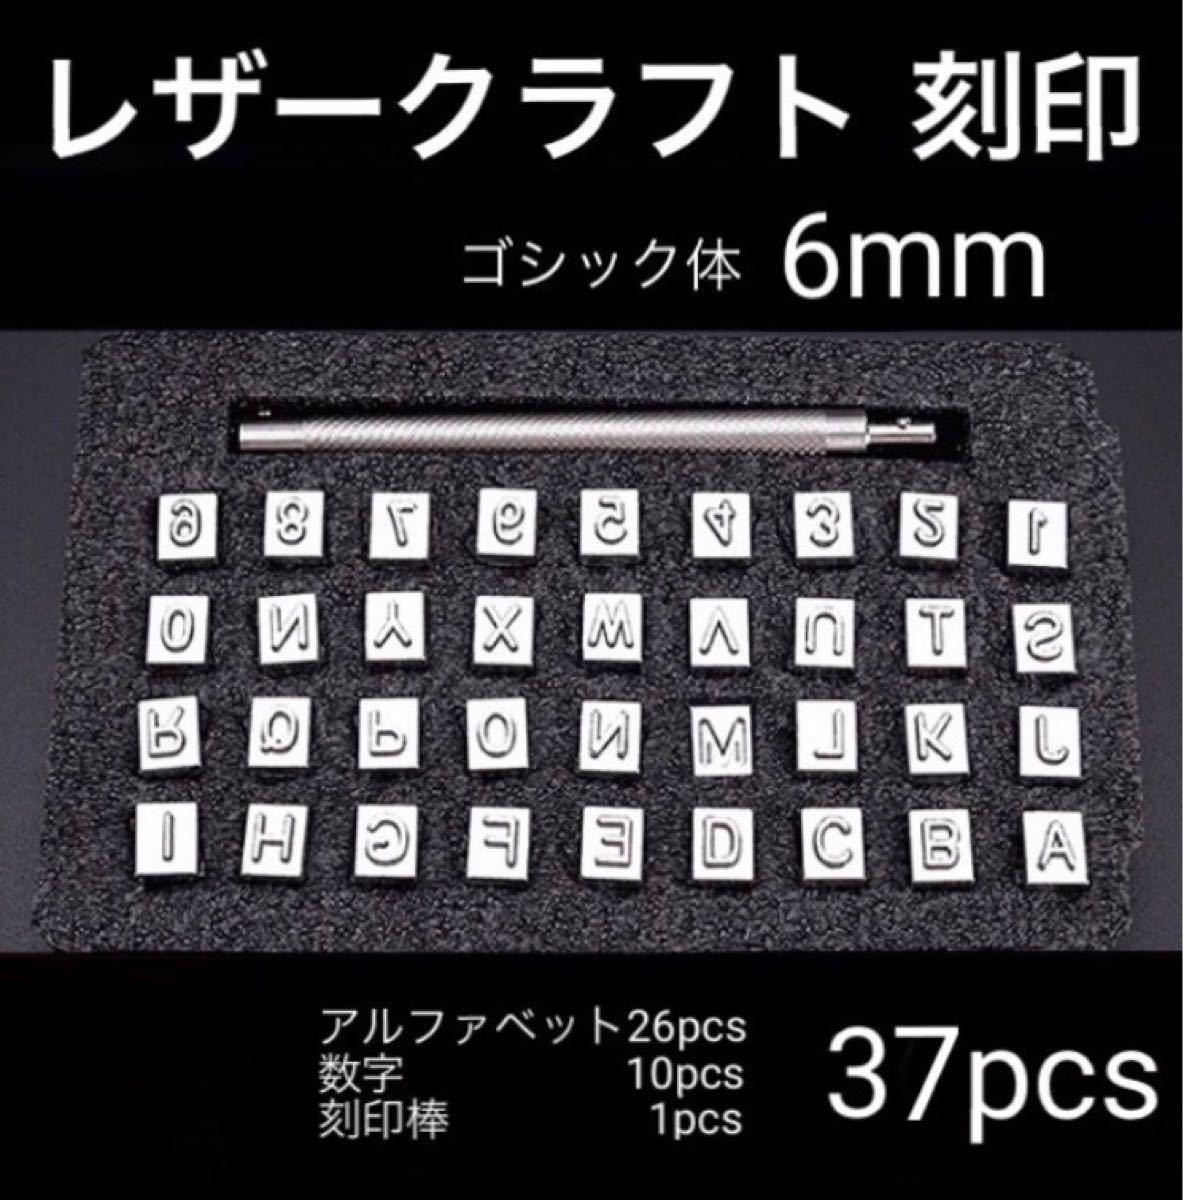 レザークラフト 刻印 アルファベット 数字 棒付き 37pcs ゴシック体 6mm